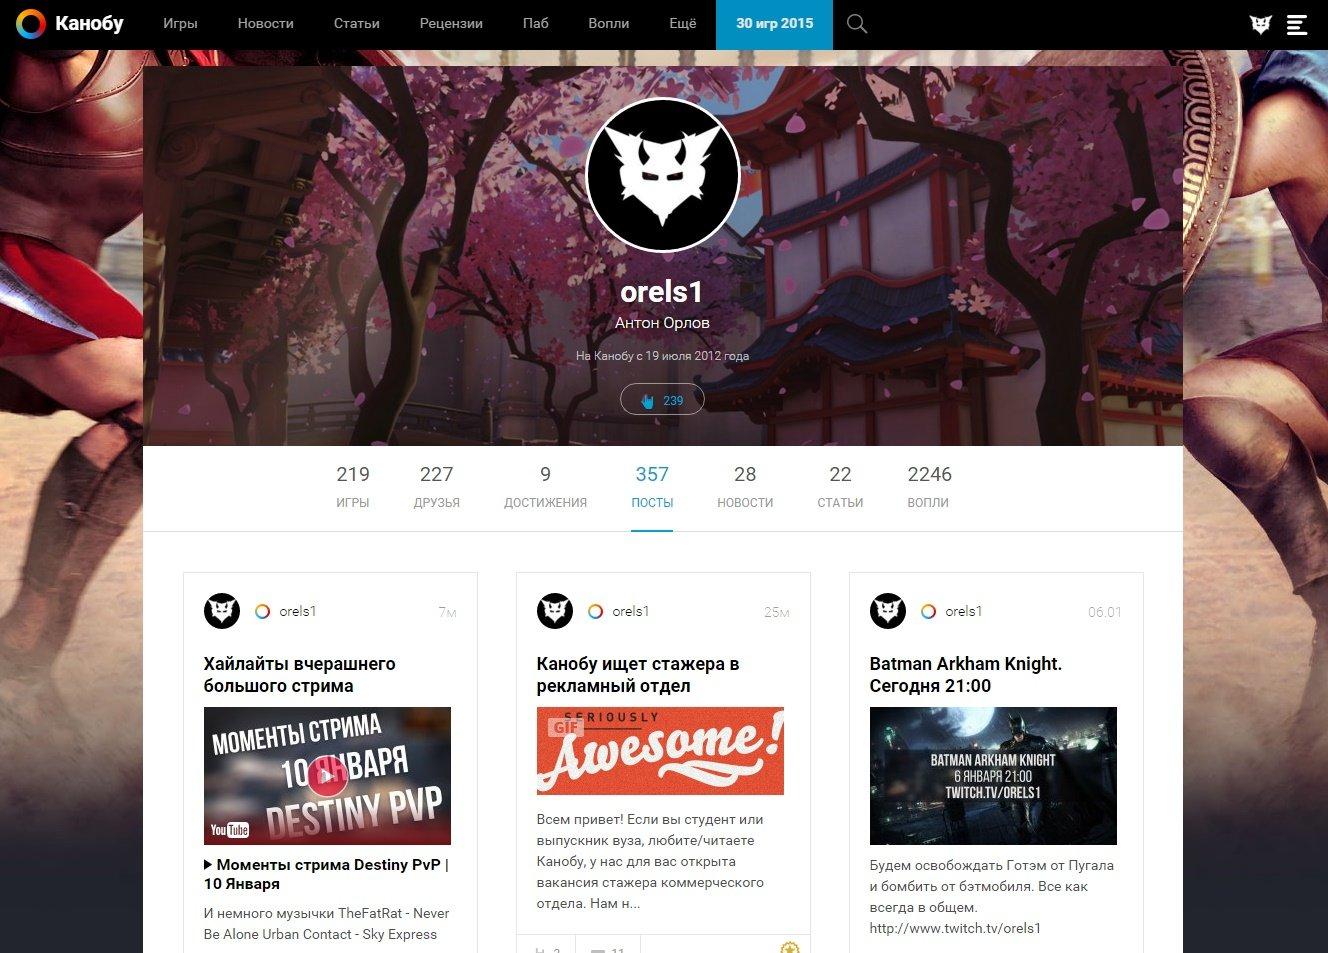 Новый профиль! #updateKanobu - Изображение 1